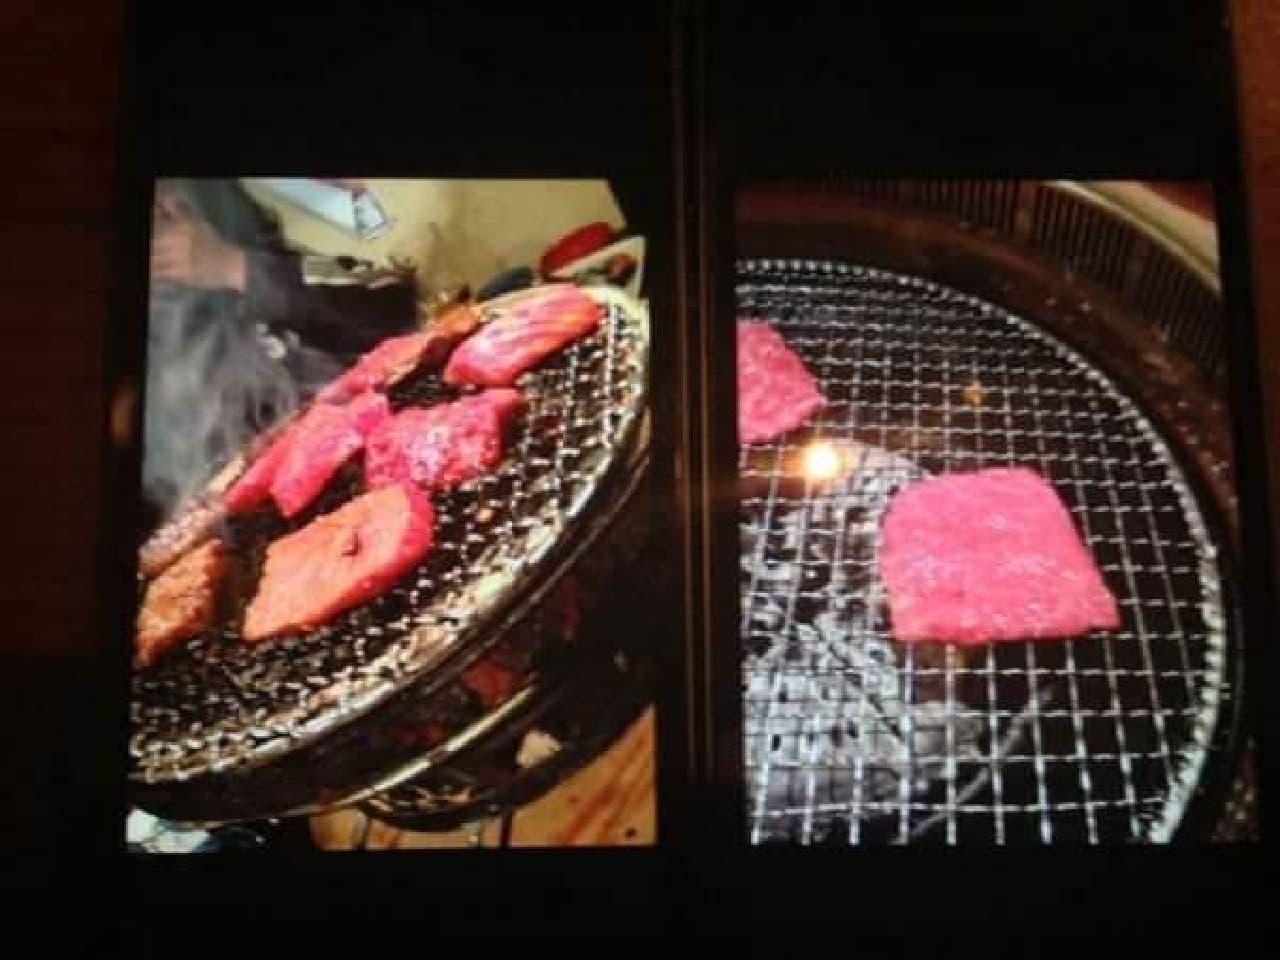 右:肉1枚半を収める謎の構図